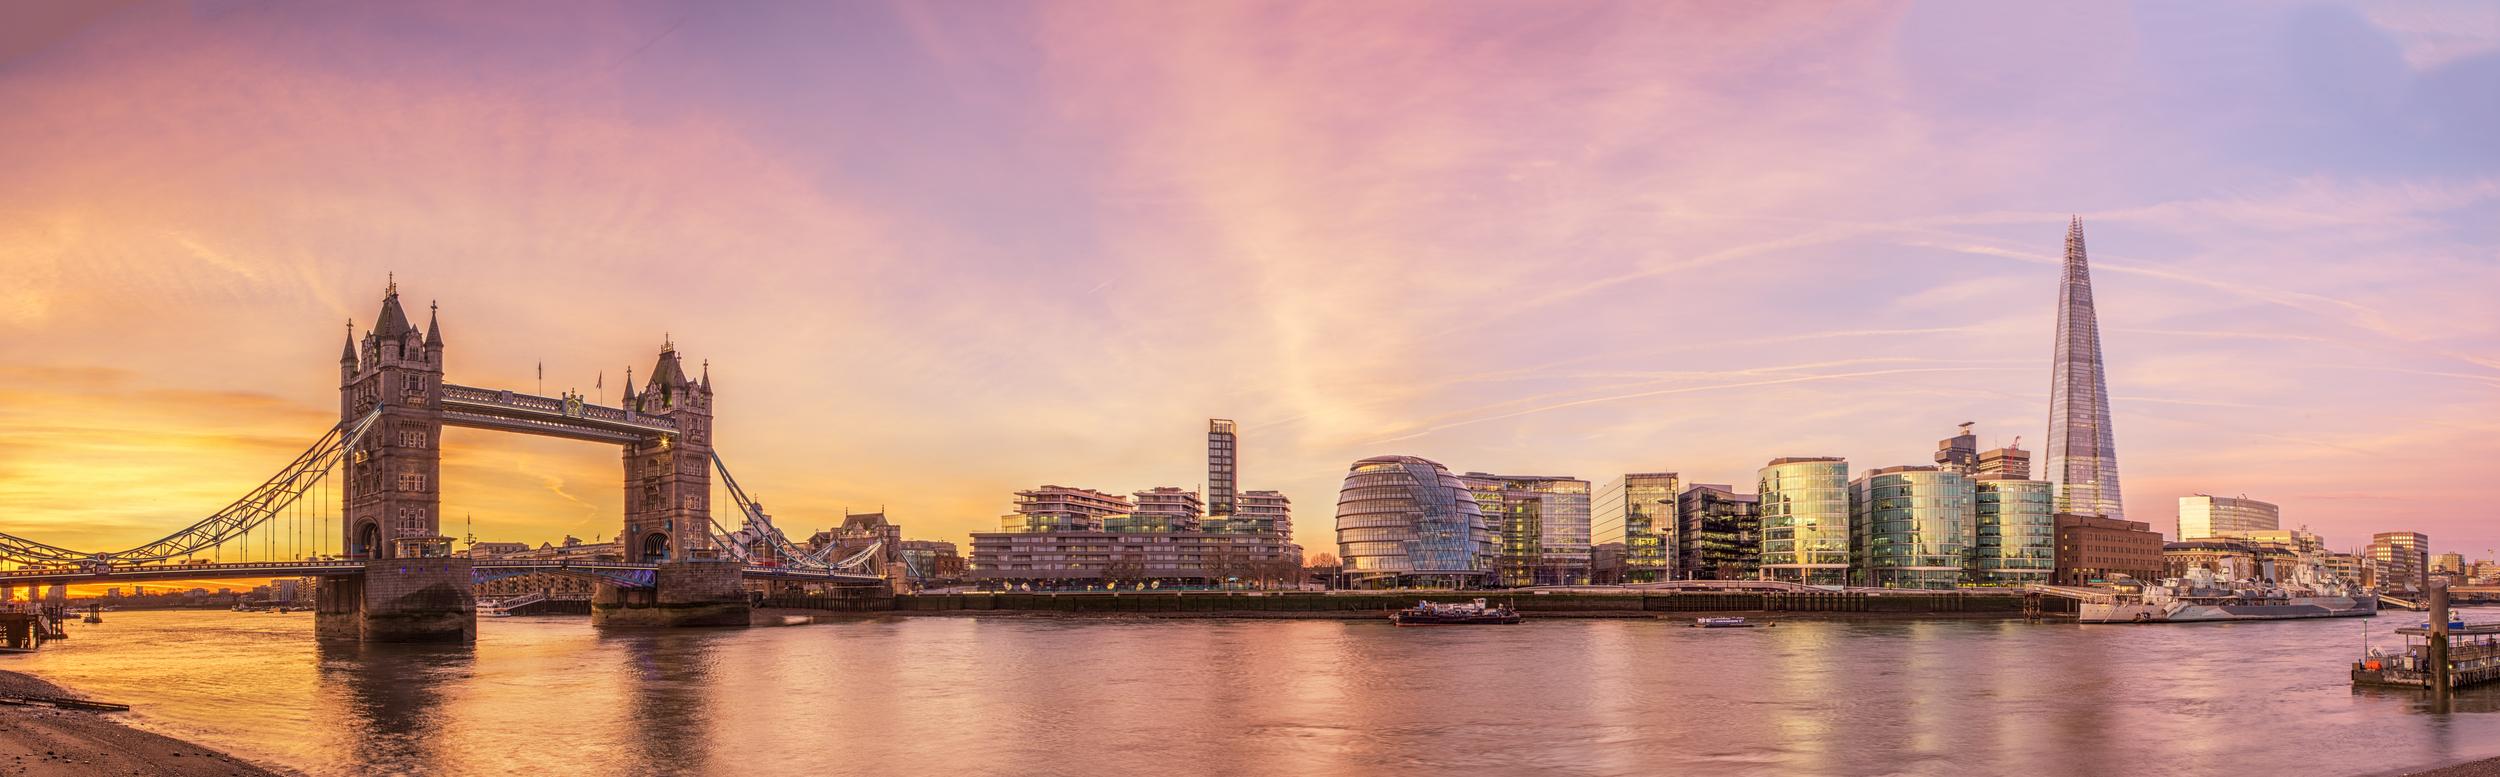 Tower Bridge Sunrise - Stuart Bennett.jpg